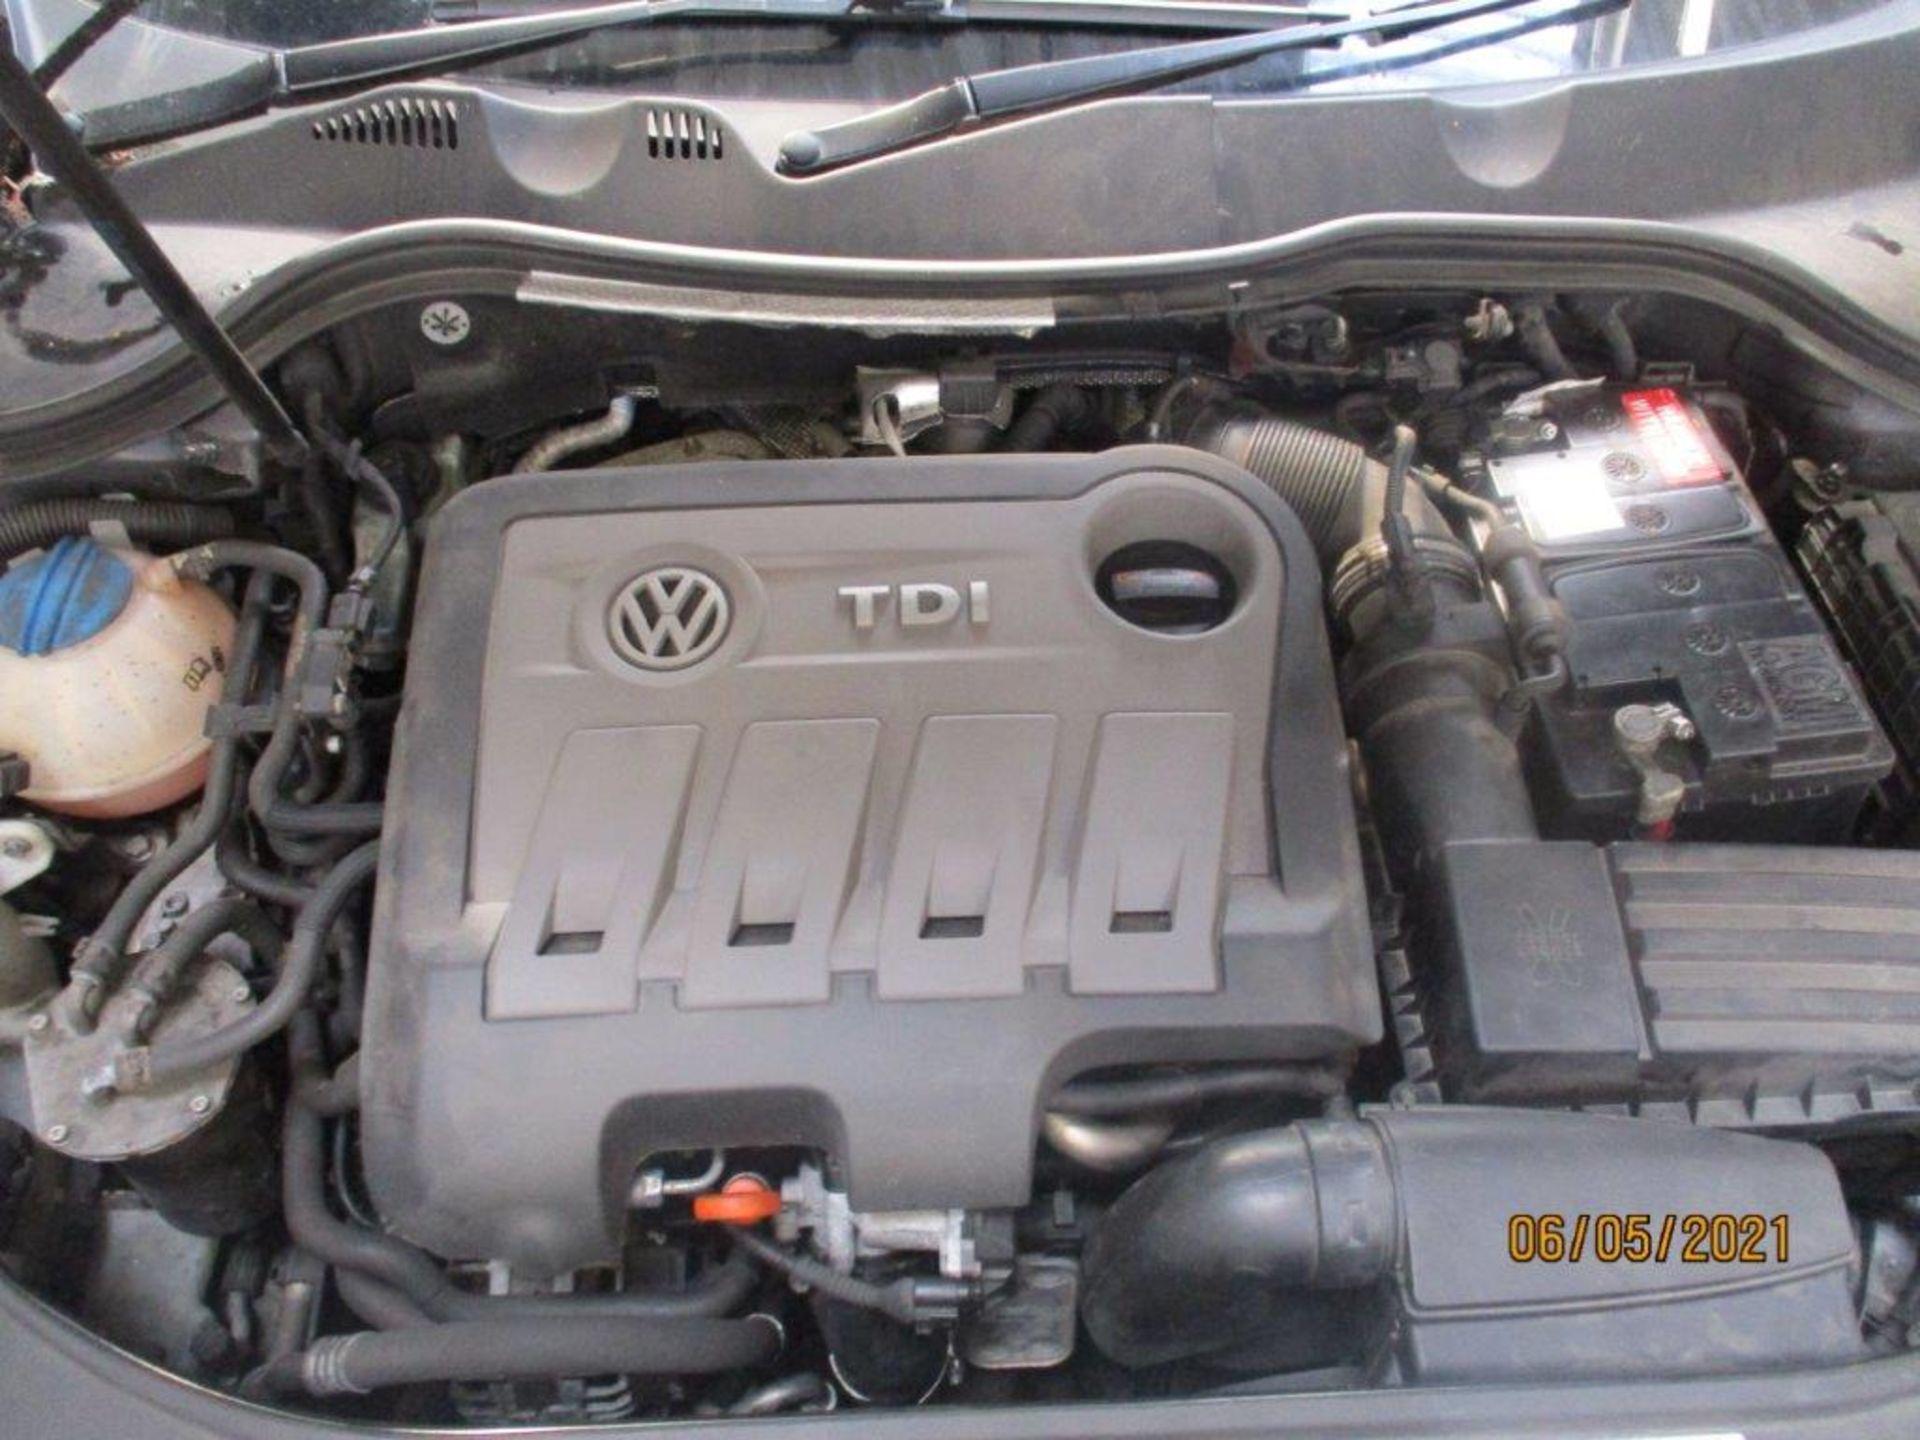 13 13 VW Passat S Bluemotion Tech - Image 9 of 29